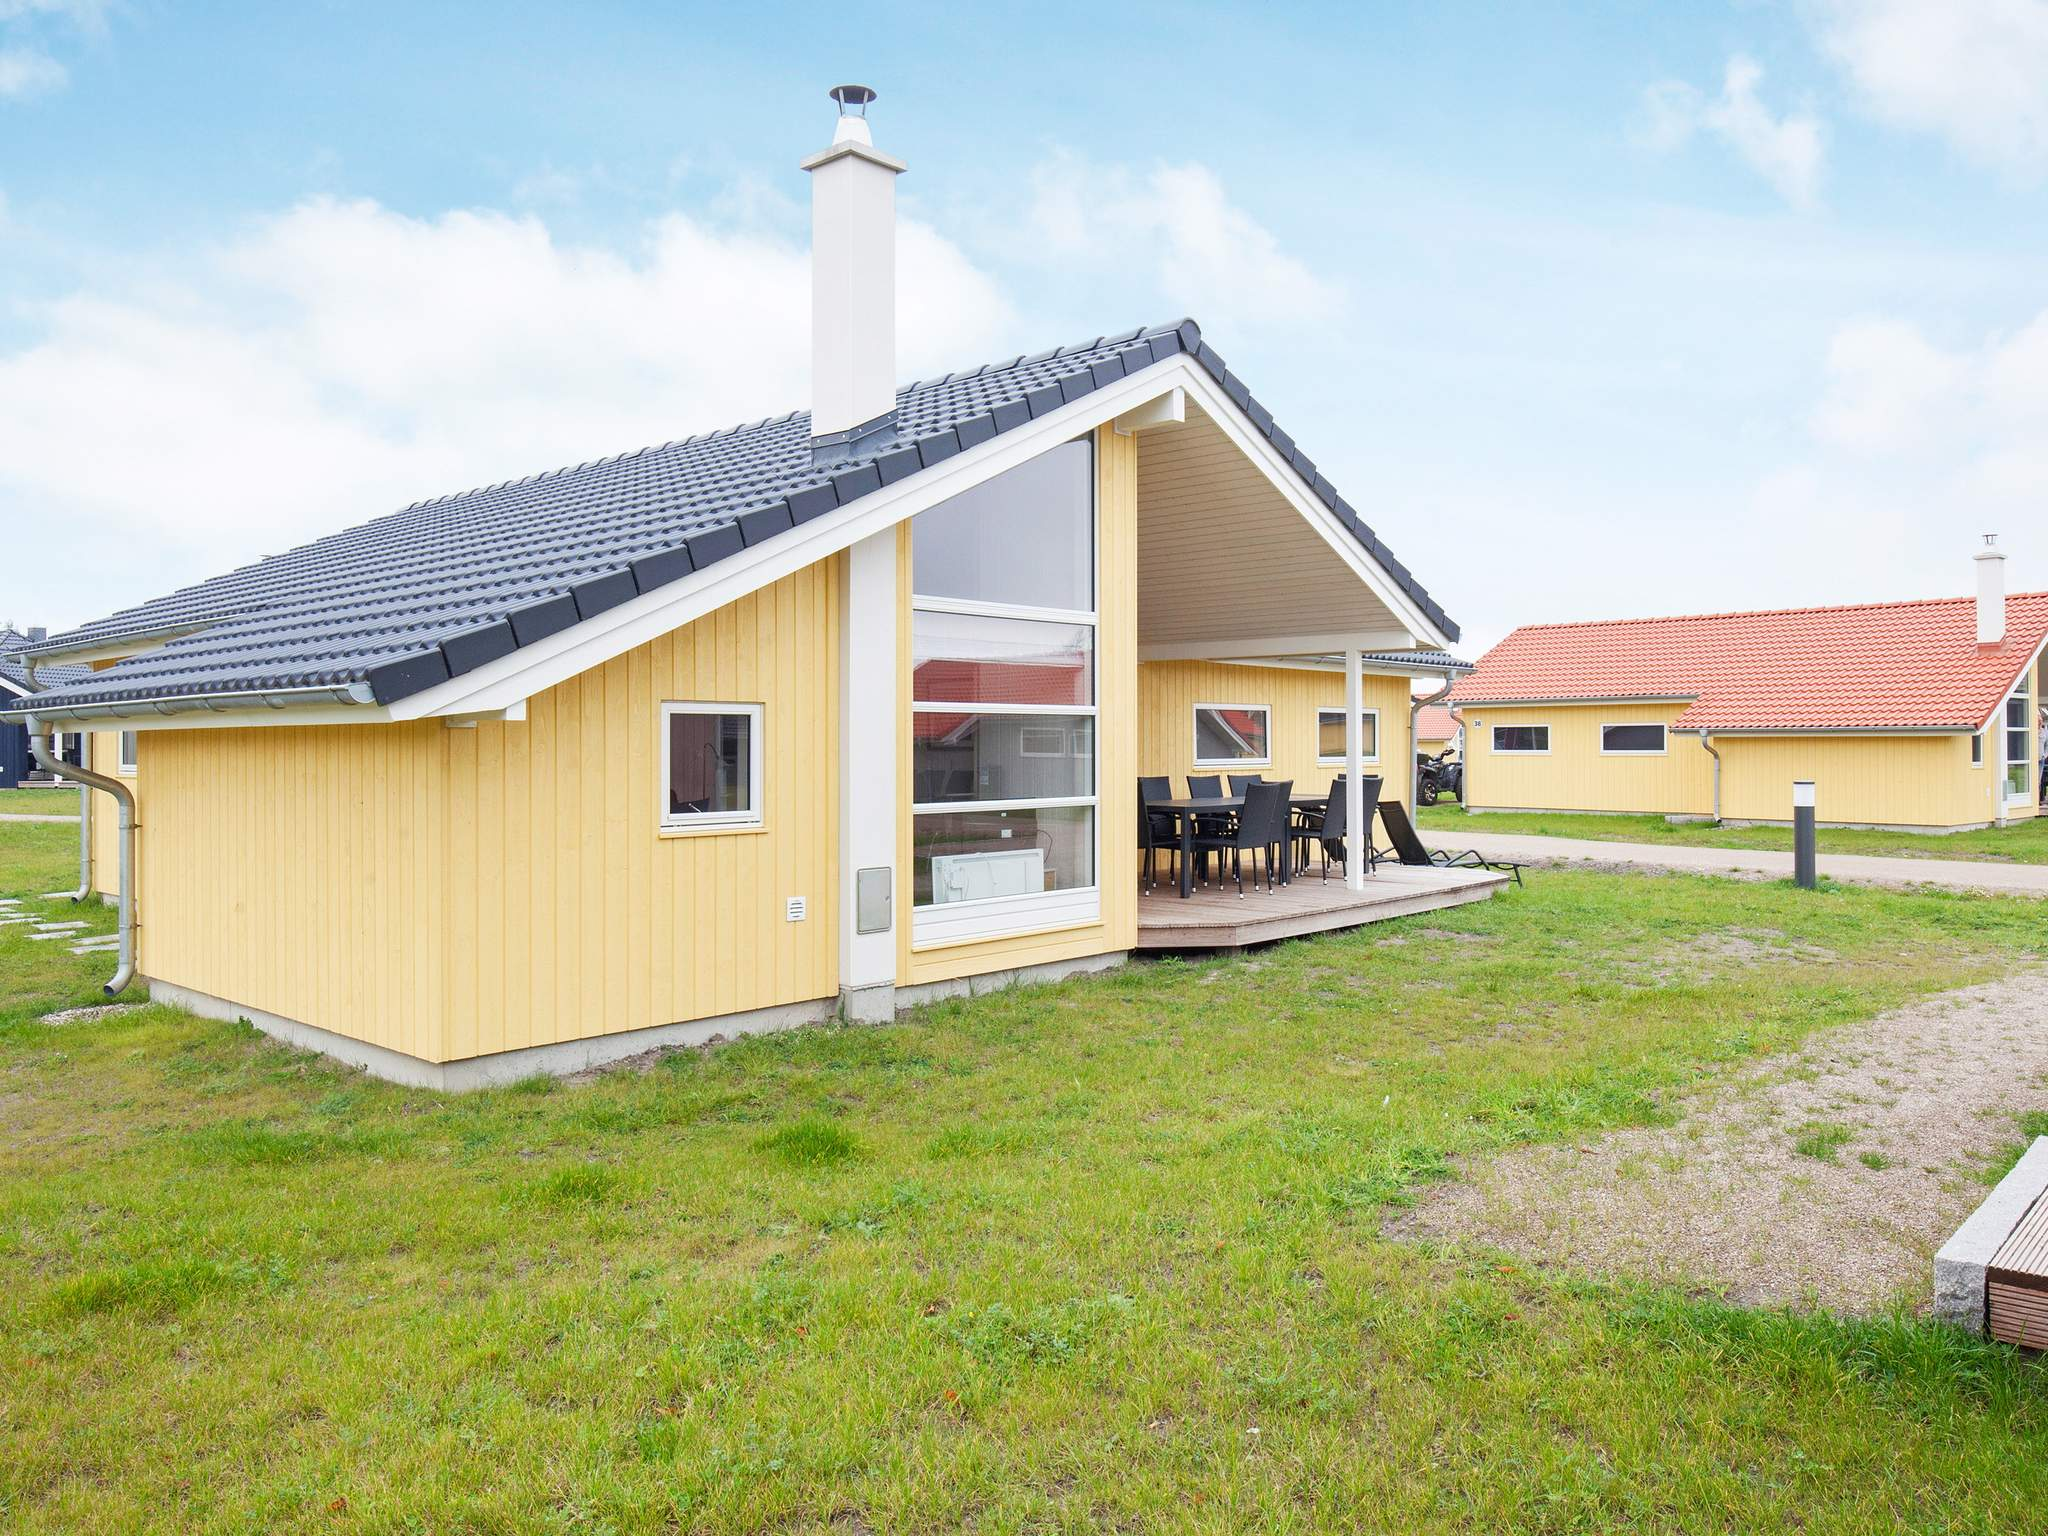 Ferienhaus Großenbrode (2355384), Großenbrode, Ostseespitze Wagrien, Schleswig-Holstein, Deutschland, Bild 14